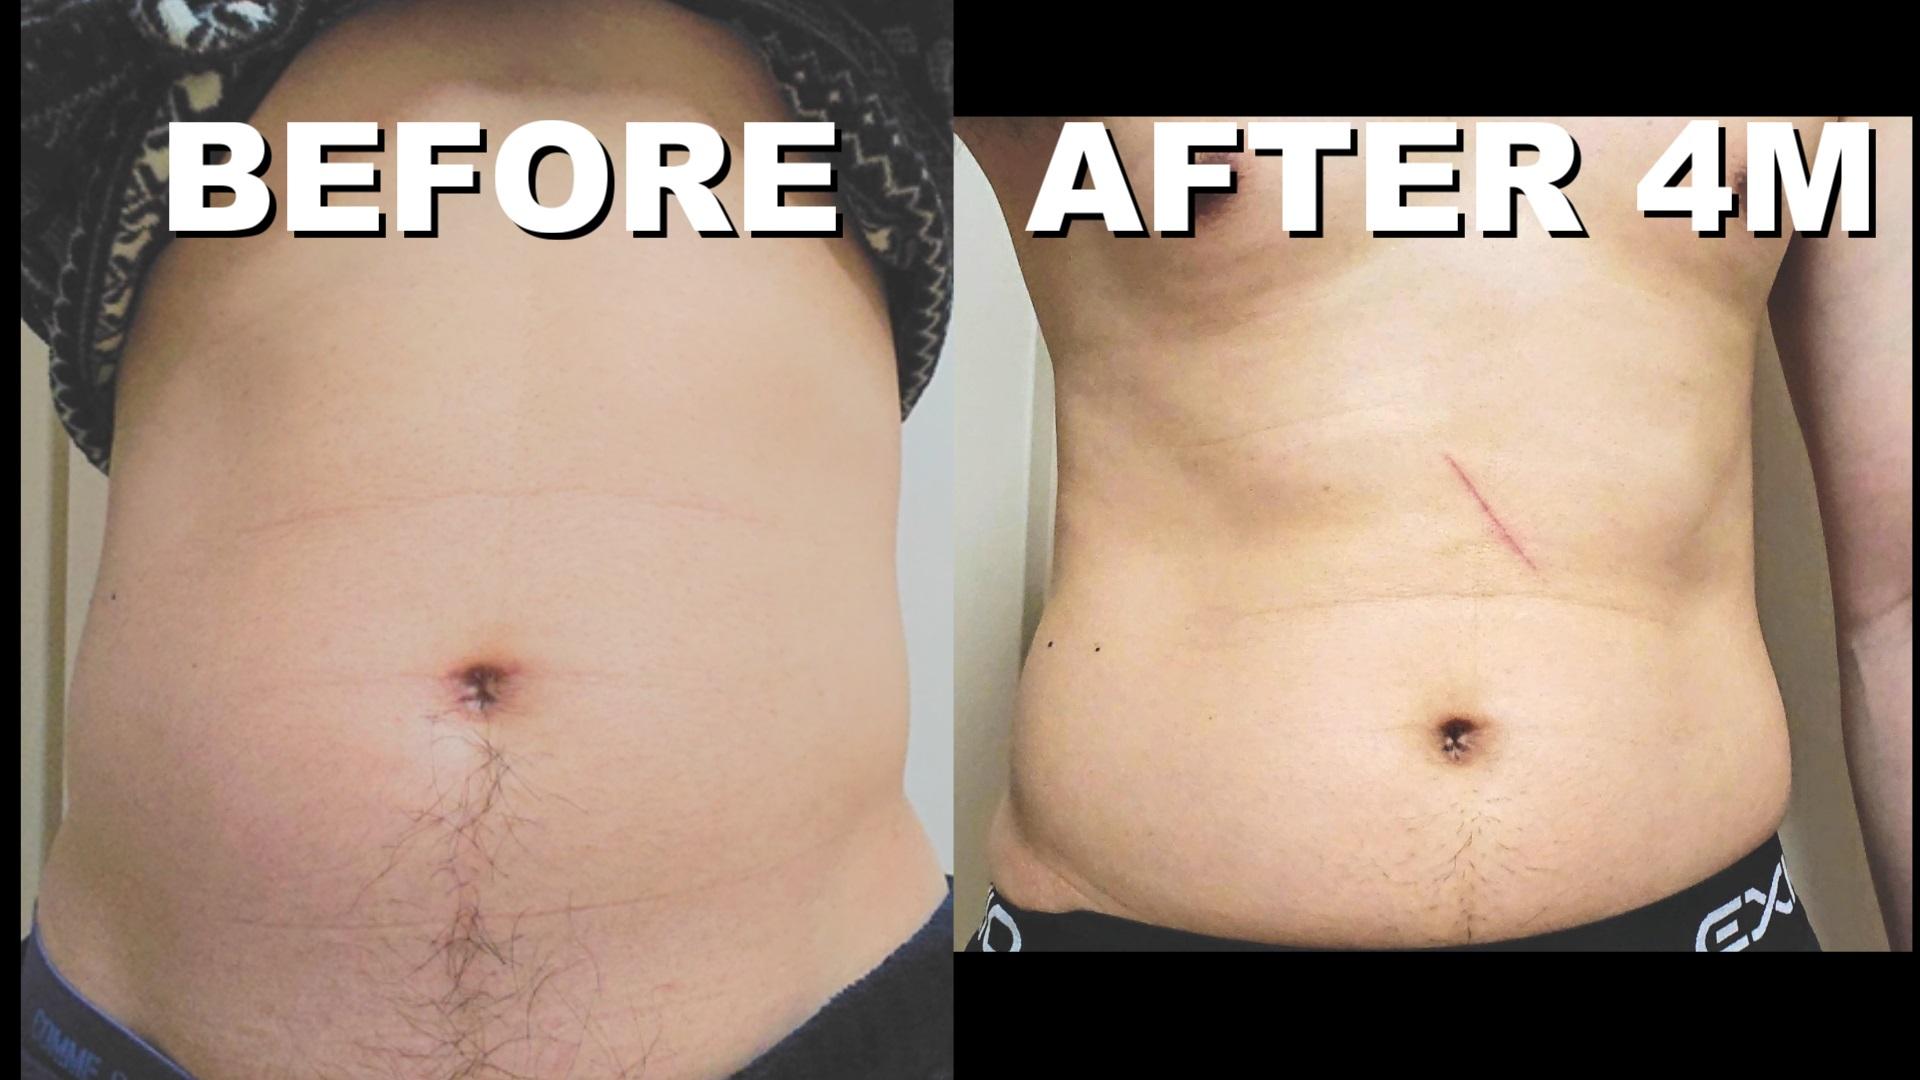 腹筋ローラーは効果ない!?ゆる~く4ヶ月続けた結果。腹筋は割れたのか?ビフォーアフターの写真。